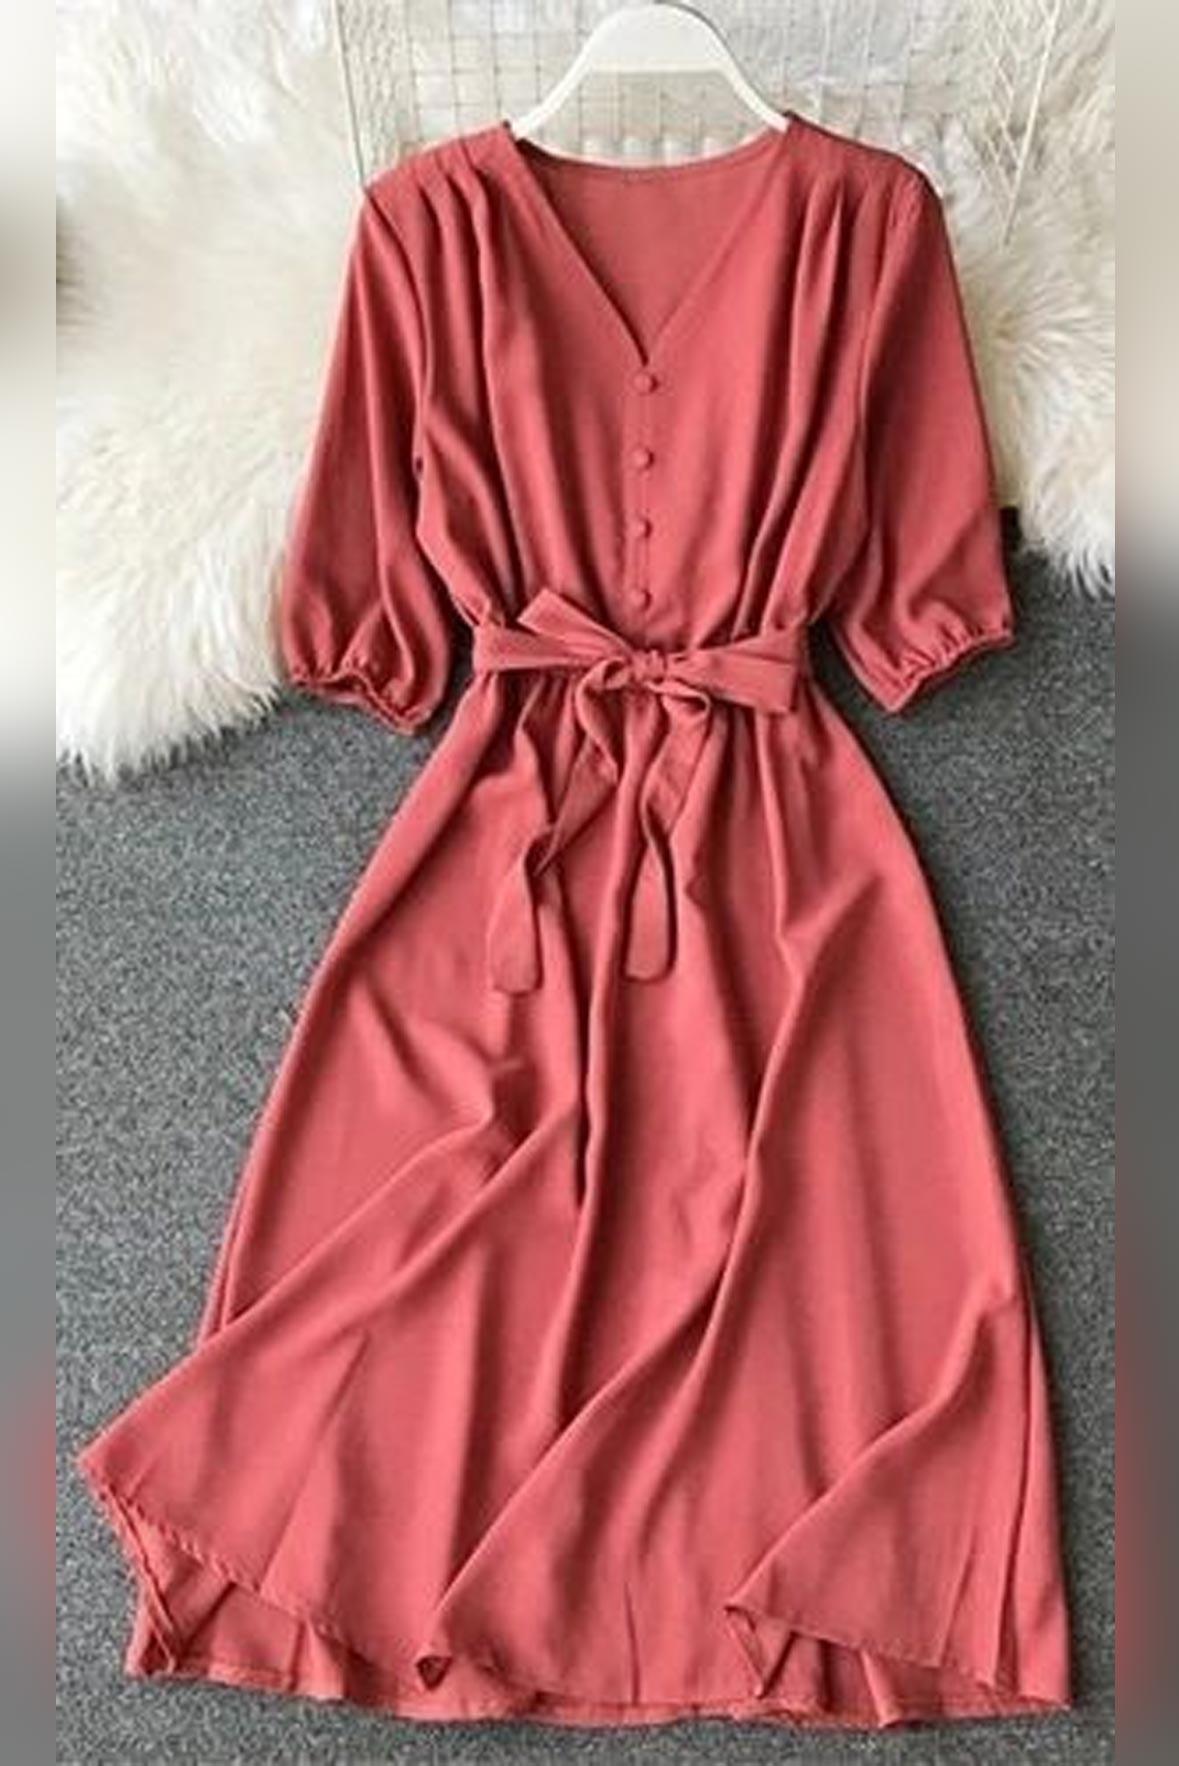 Slay baby dress